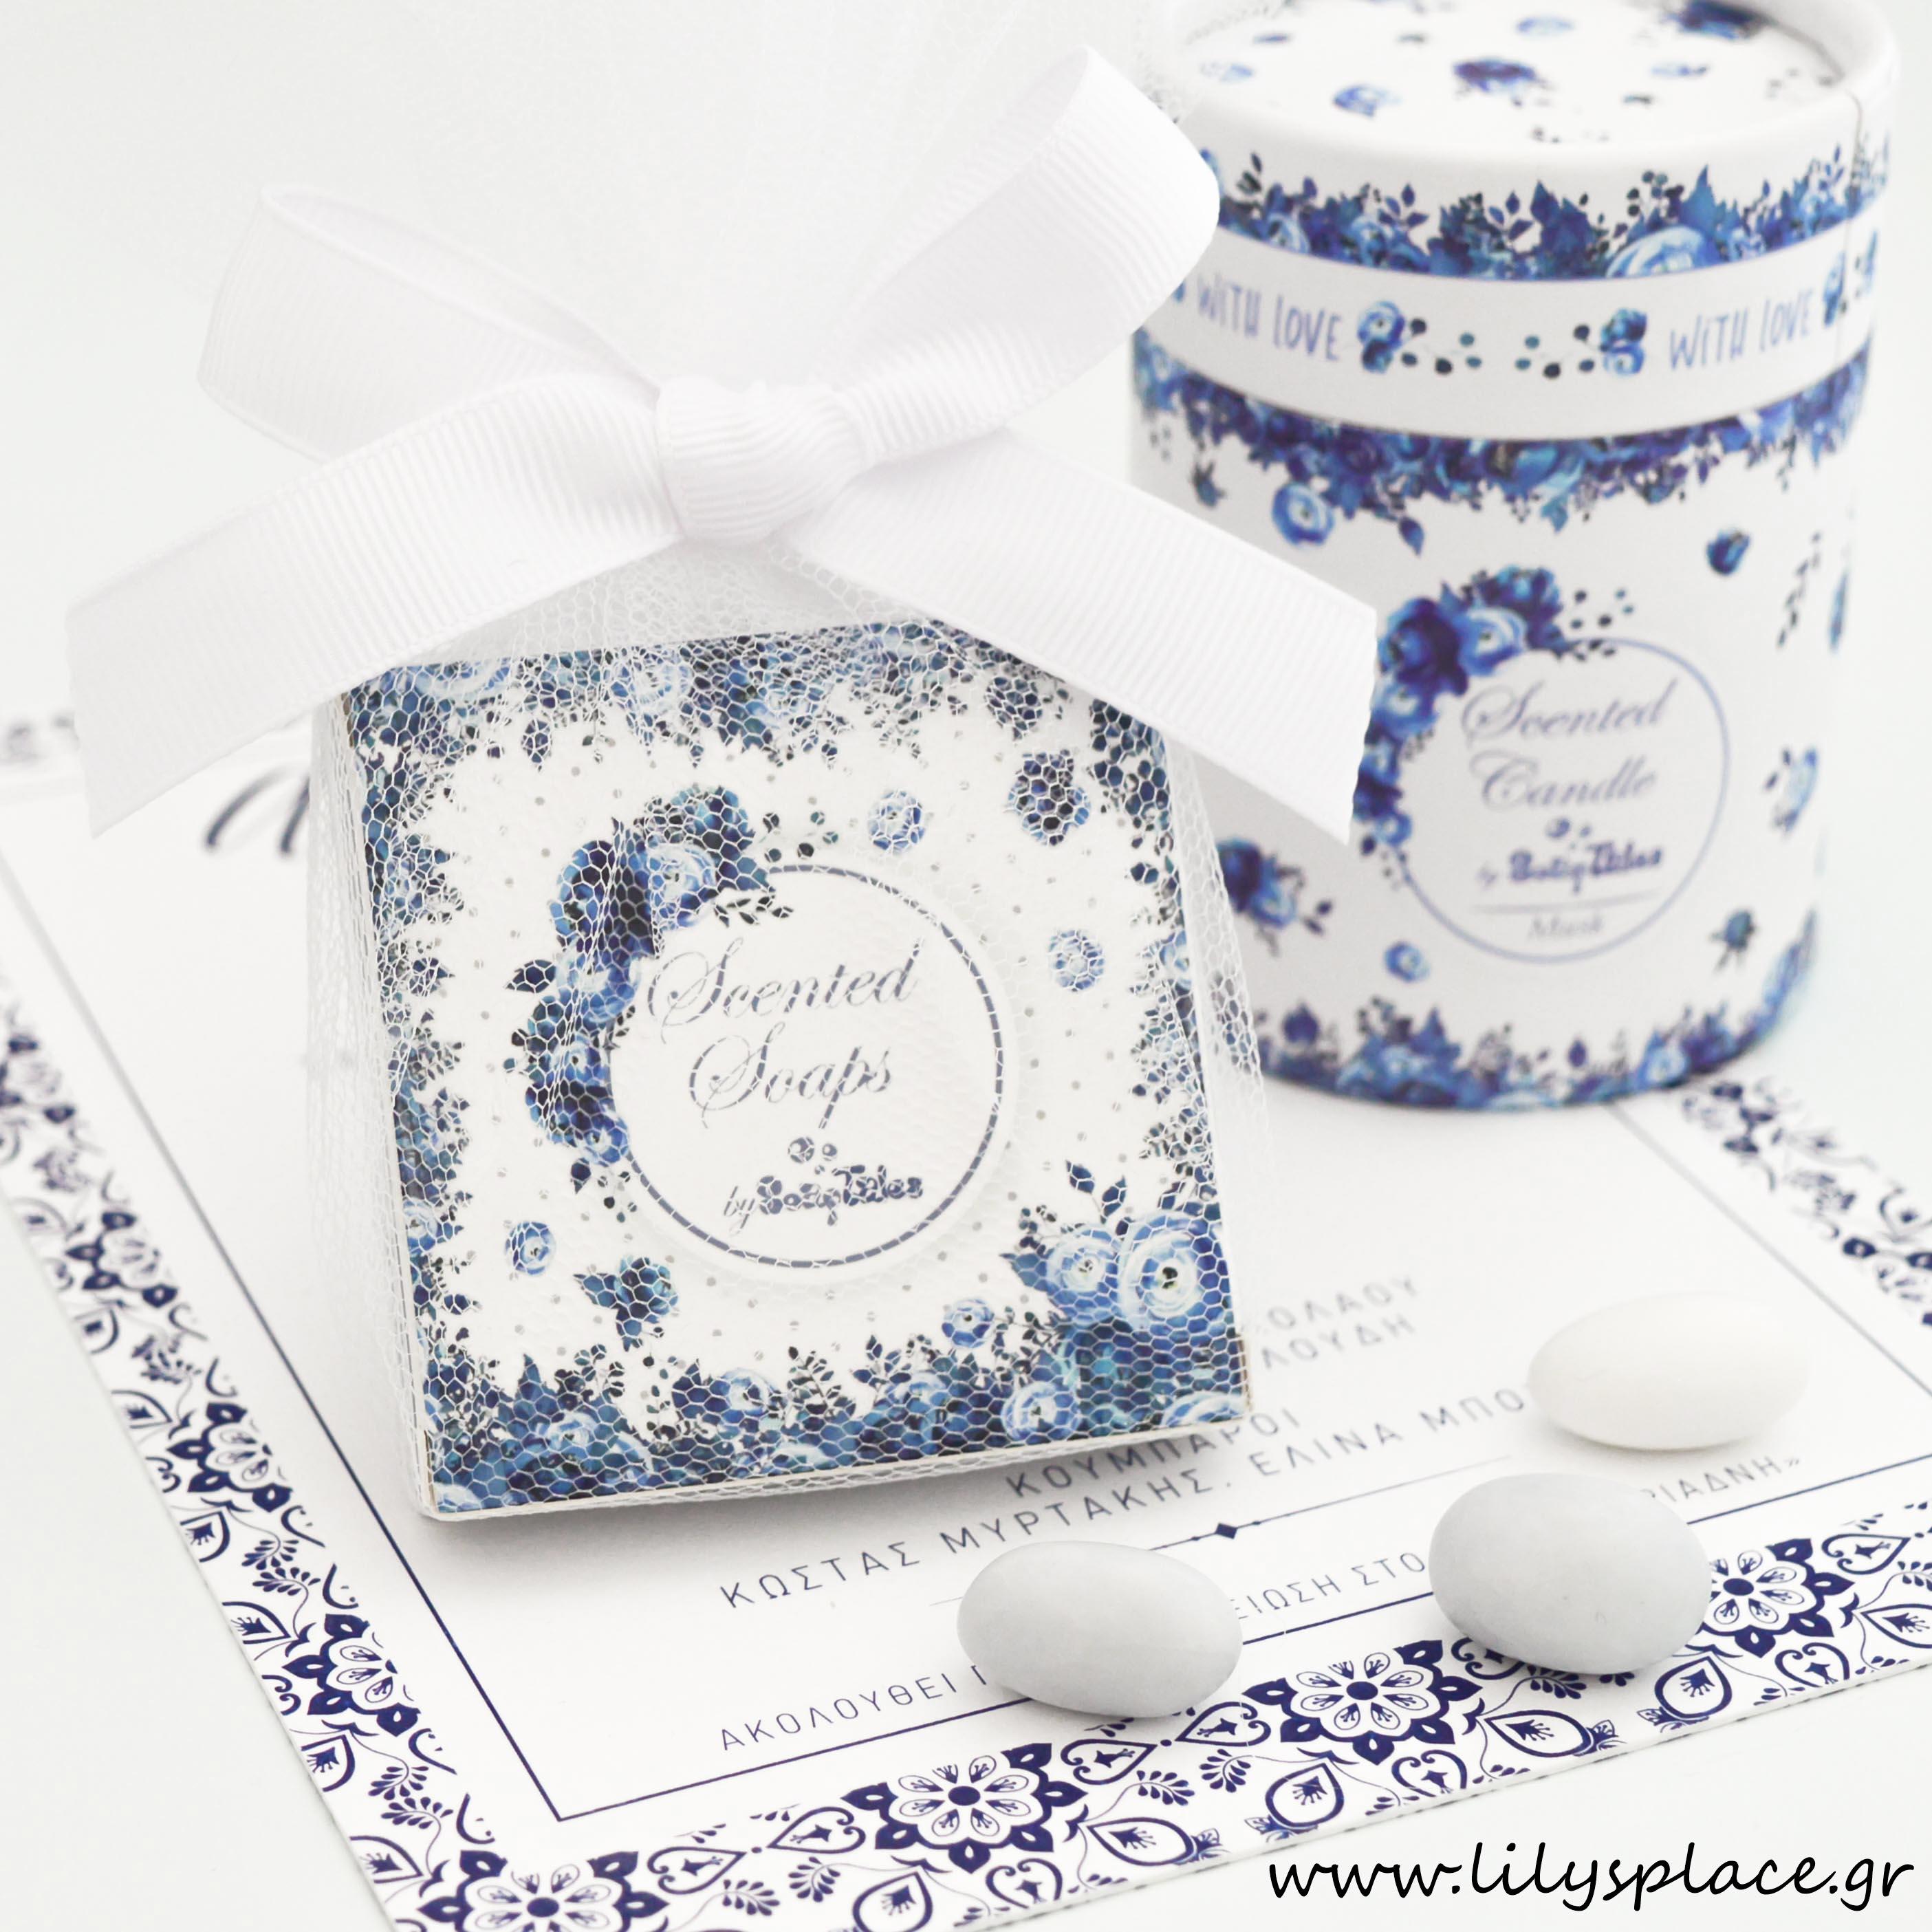 Σαπουνάκι σε κουτάκι μπλε λουλούδια